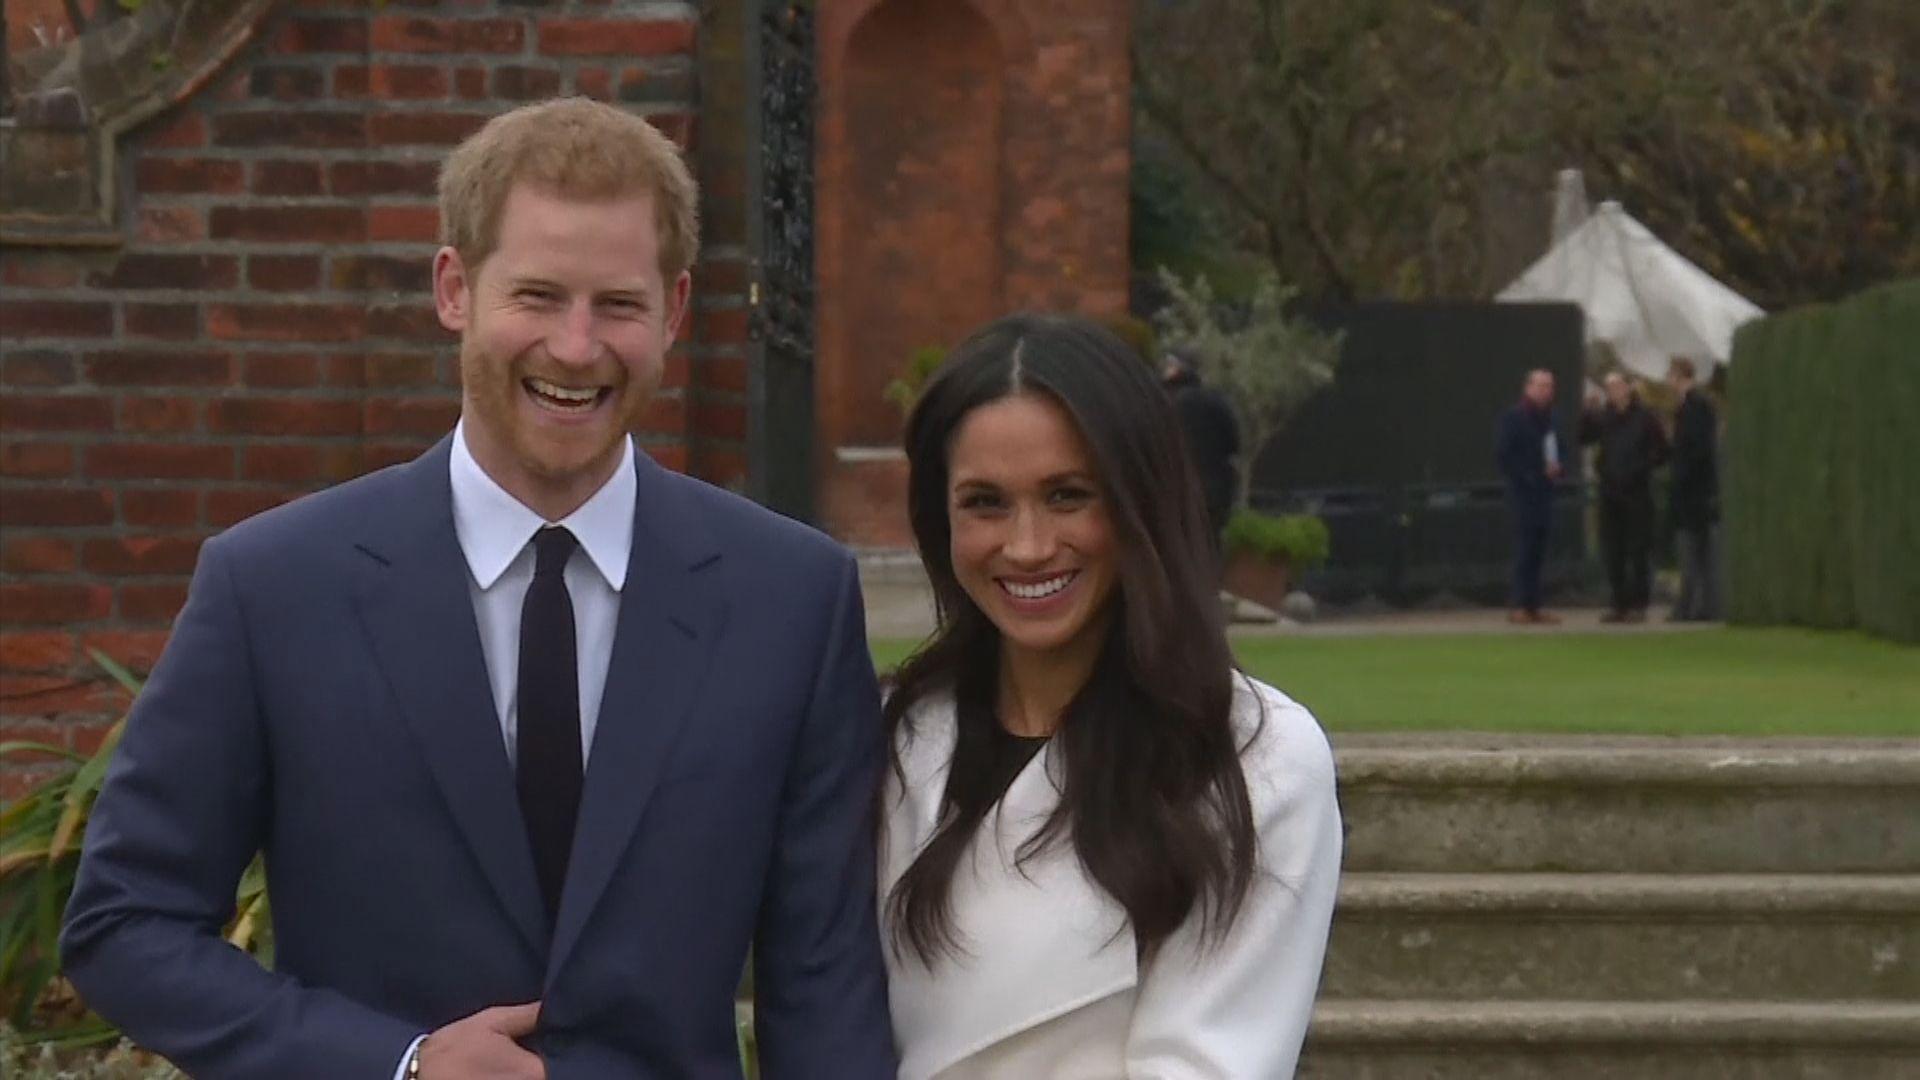 哈里夫婦註冊「薩塞克斯皇室」商標